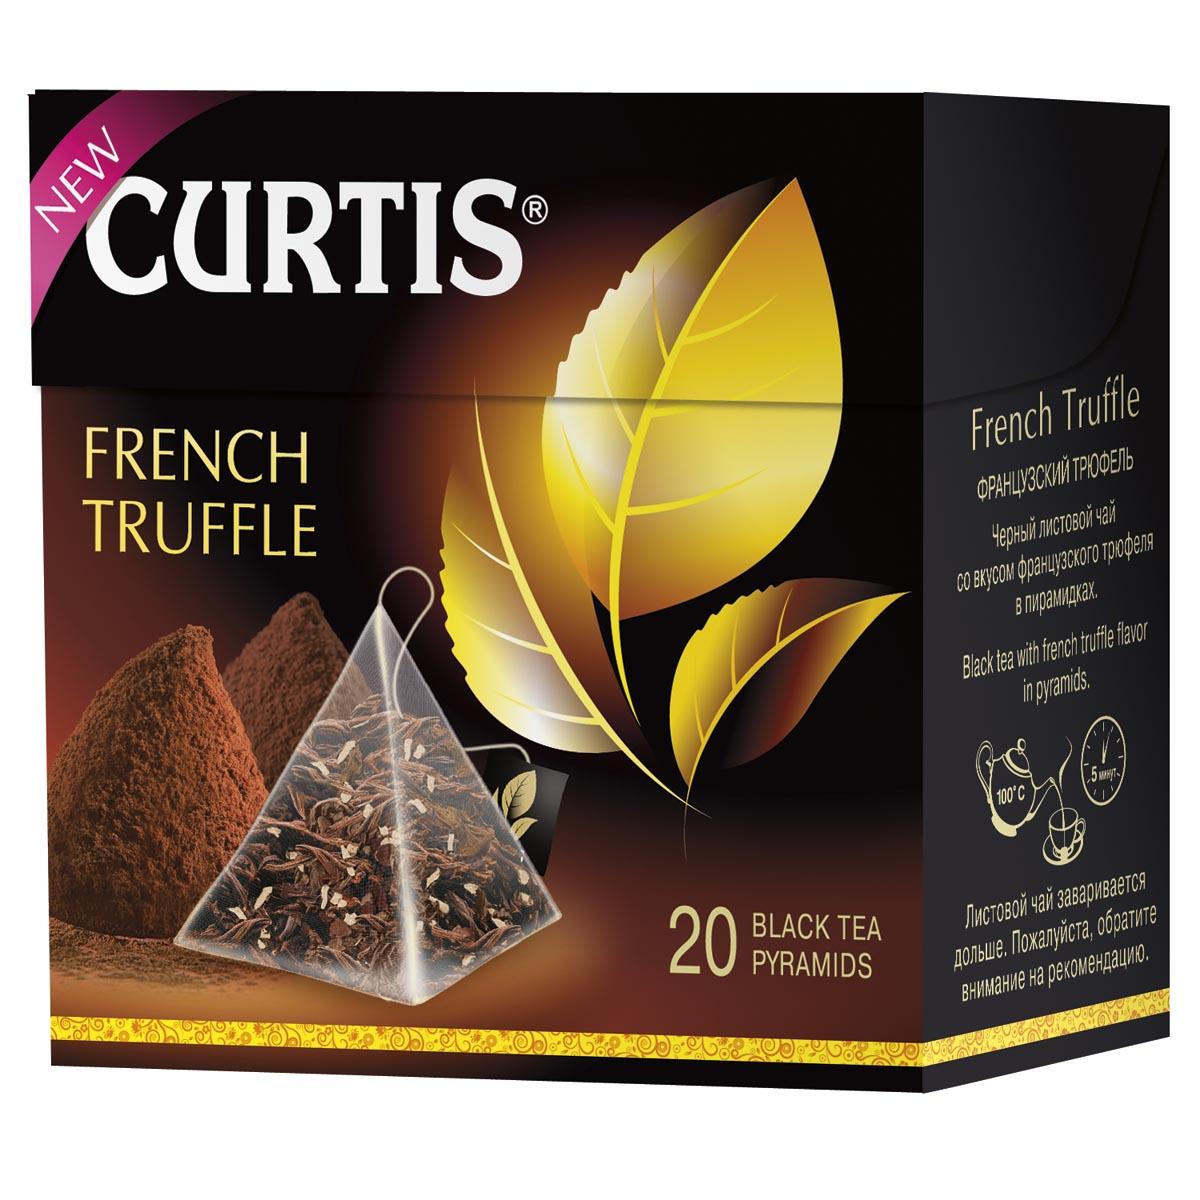 Curtis French Truffle черный чай в пирамидках, 20 шт0120710Соблазнительный черный чай со вкусом нежного шоколадного трюфеля и сливочной нотой - необычайно, словно вечер на Лазурном берегу. Насладитесь обновленным купажом черного листового чая.